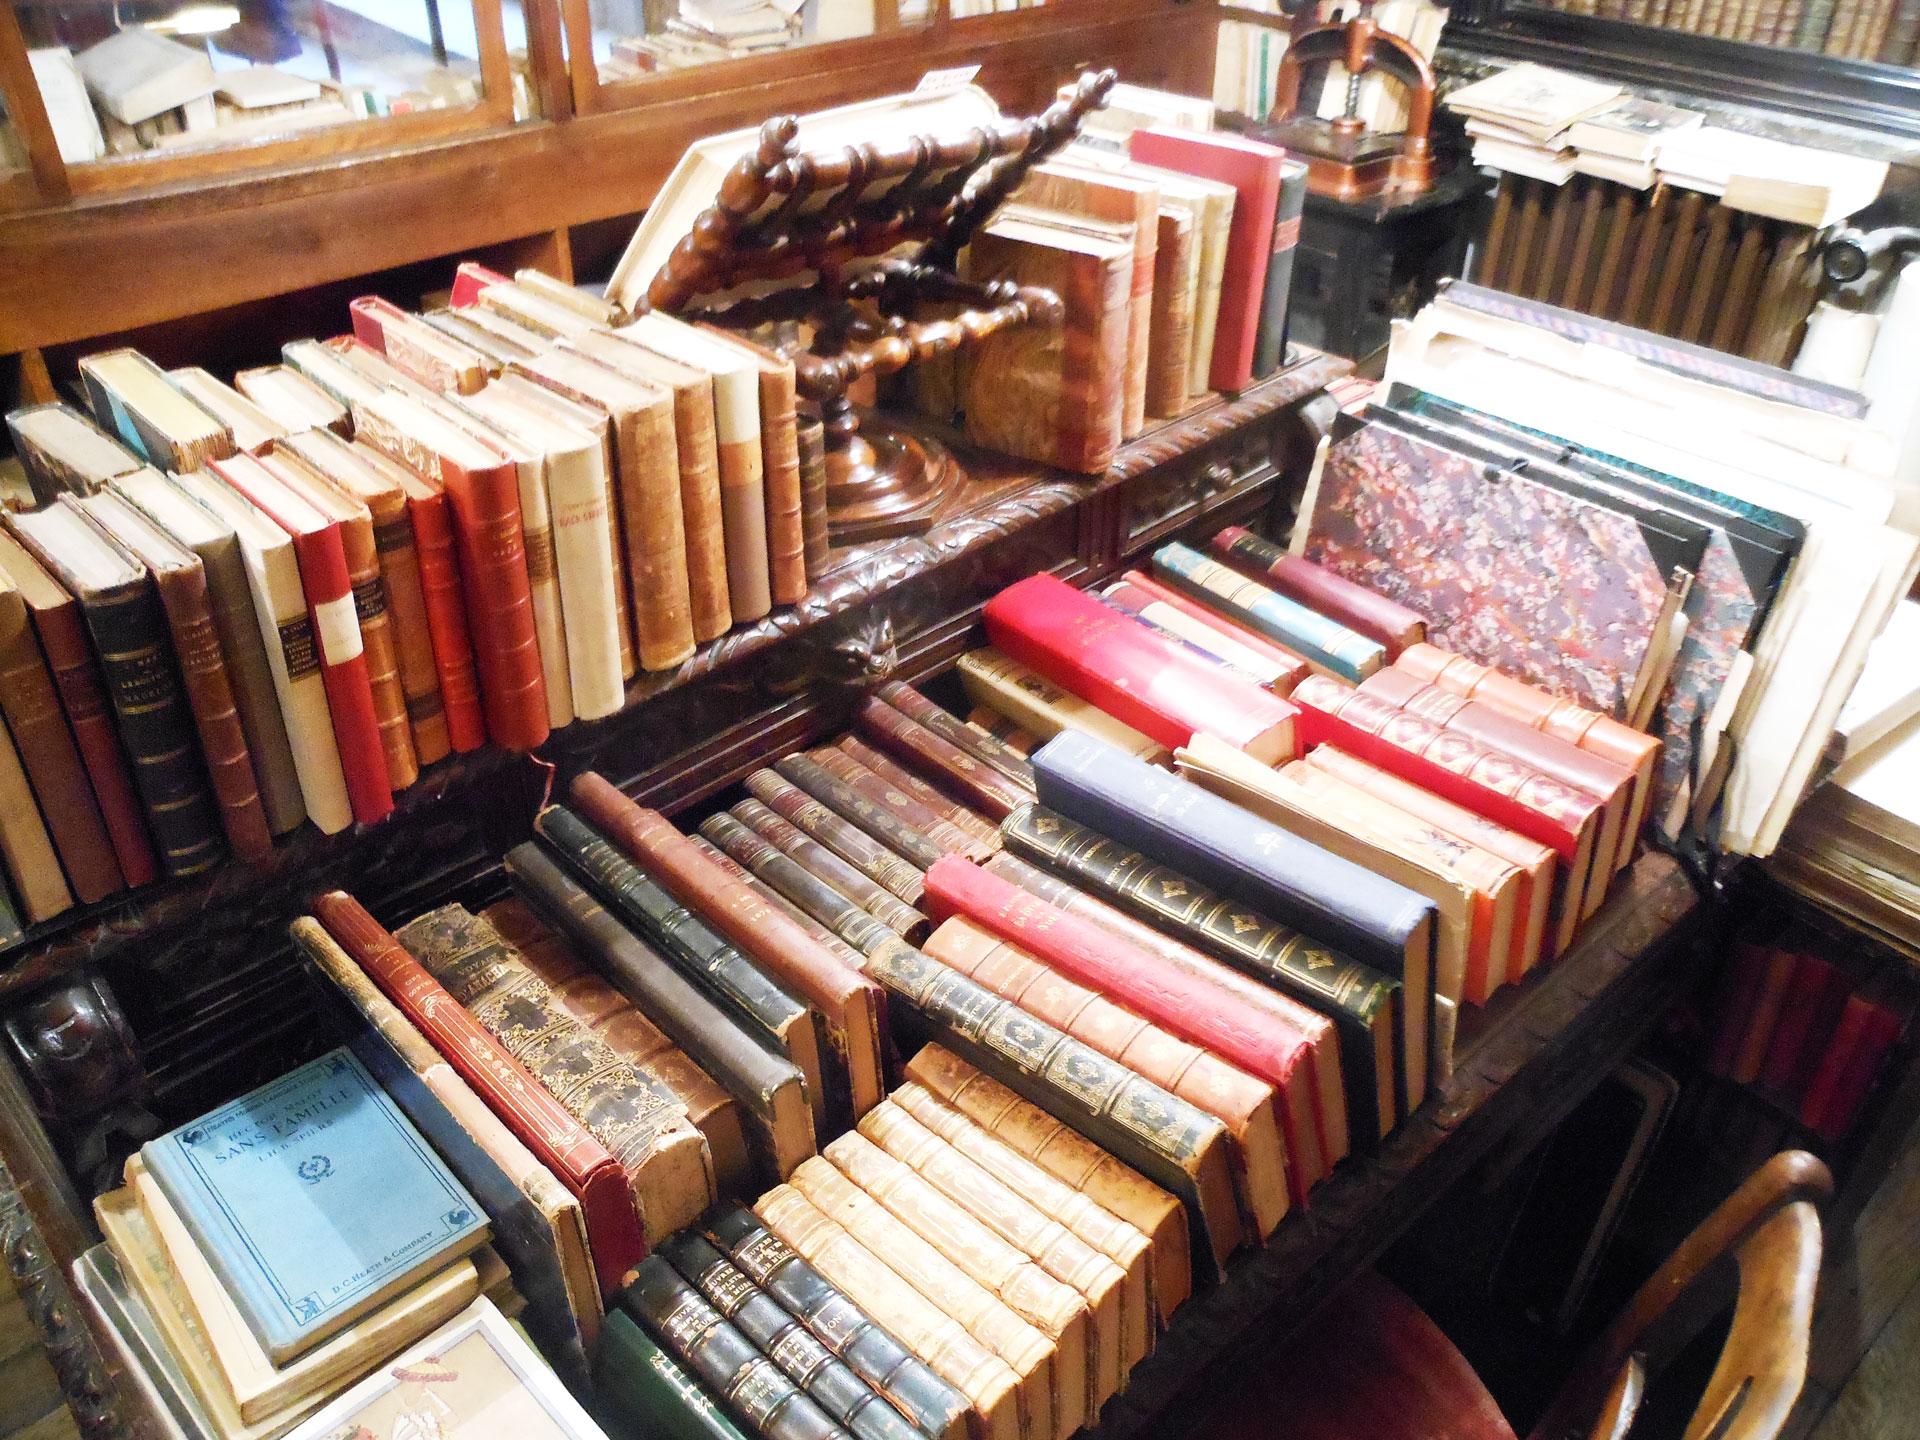 書棚やテーブルの上に希少なアンティーク洋書が沢山所蔵されたパリの古書店